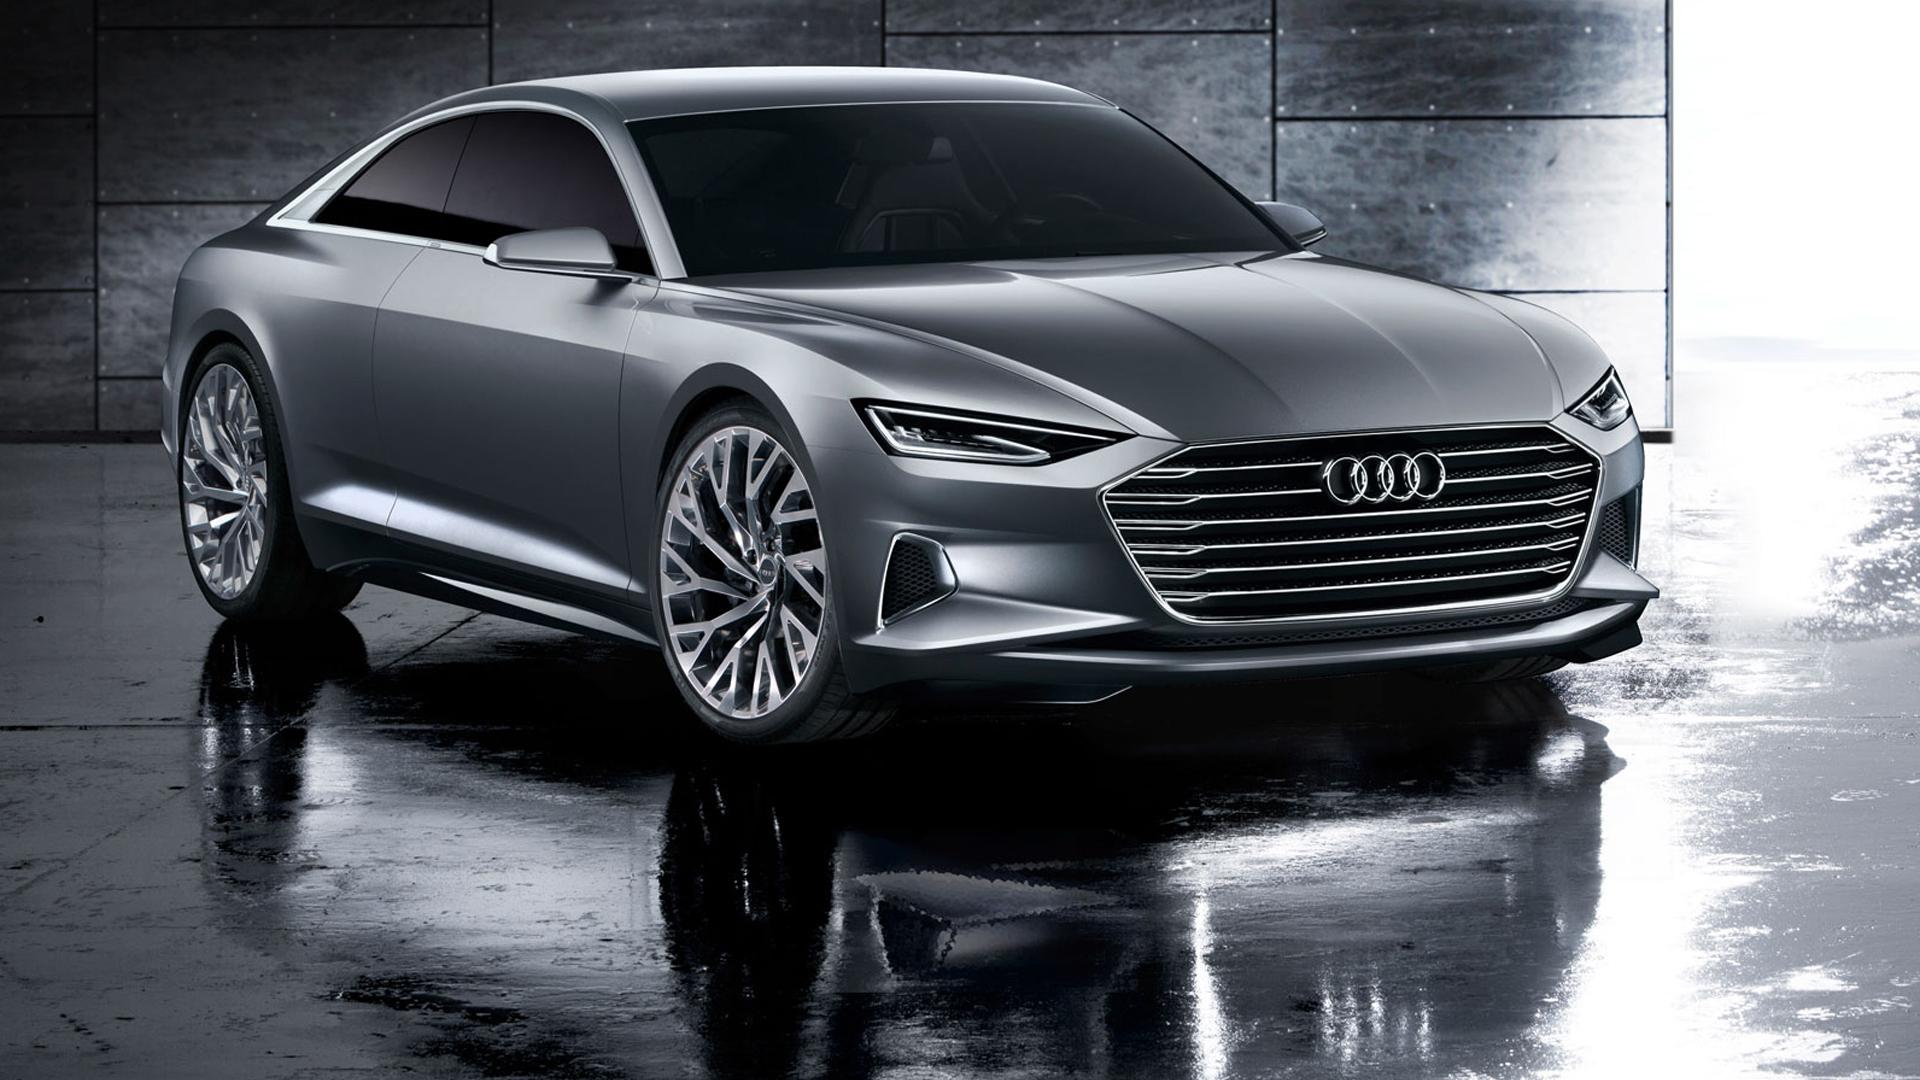 wp_audi_0003_Audi-Prologue-Concept-03